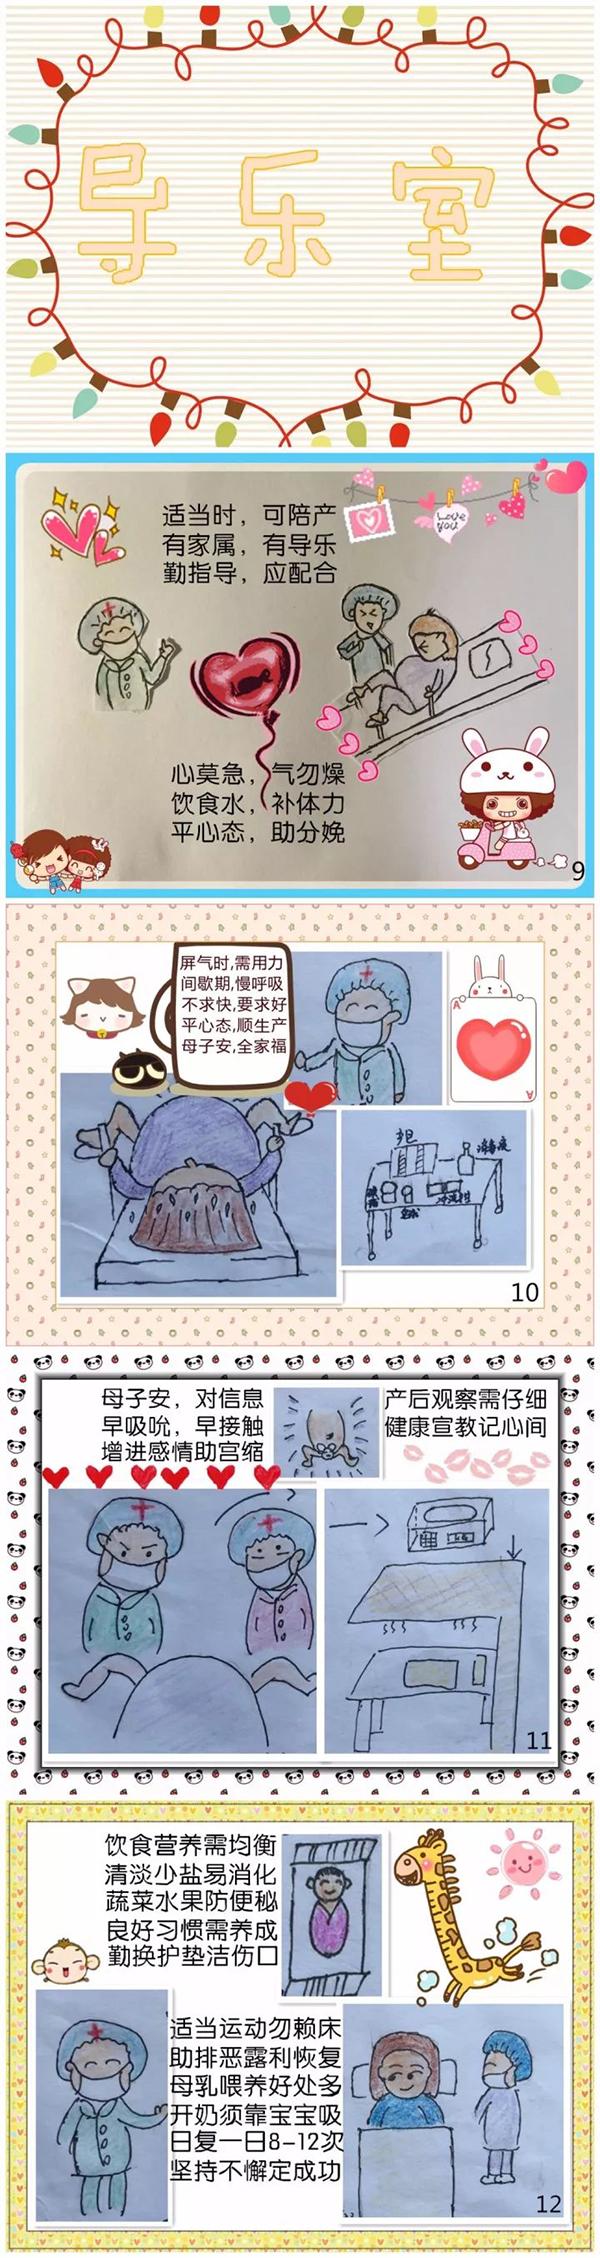 """沪一""""90后""""助产士手绘暖心漫画 助聋哑孕产妇顺利分娩"""